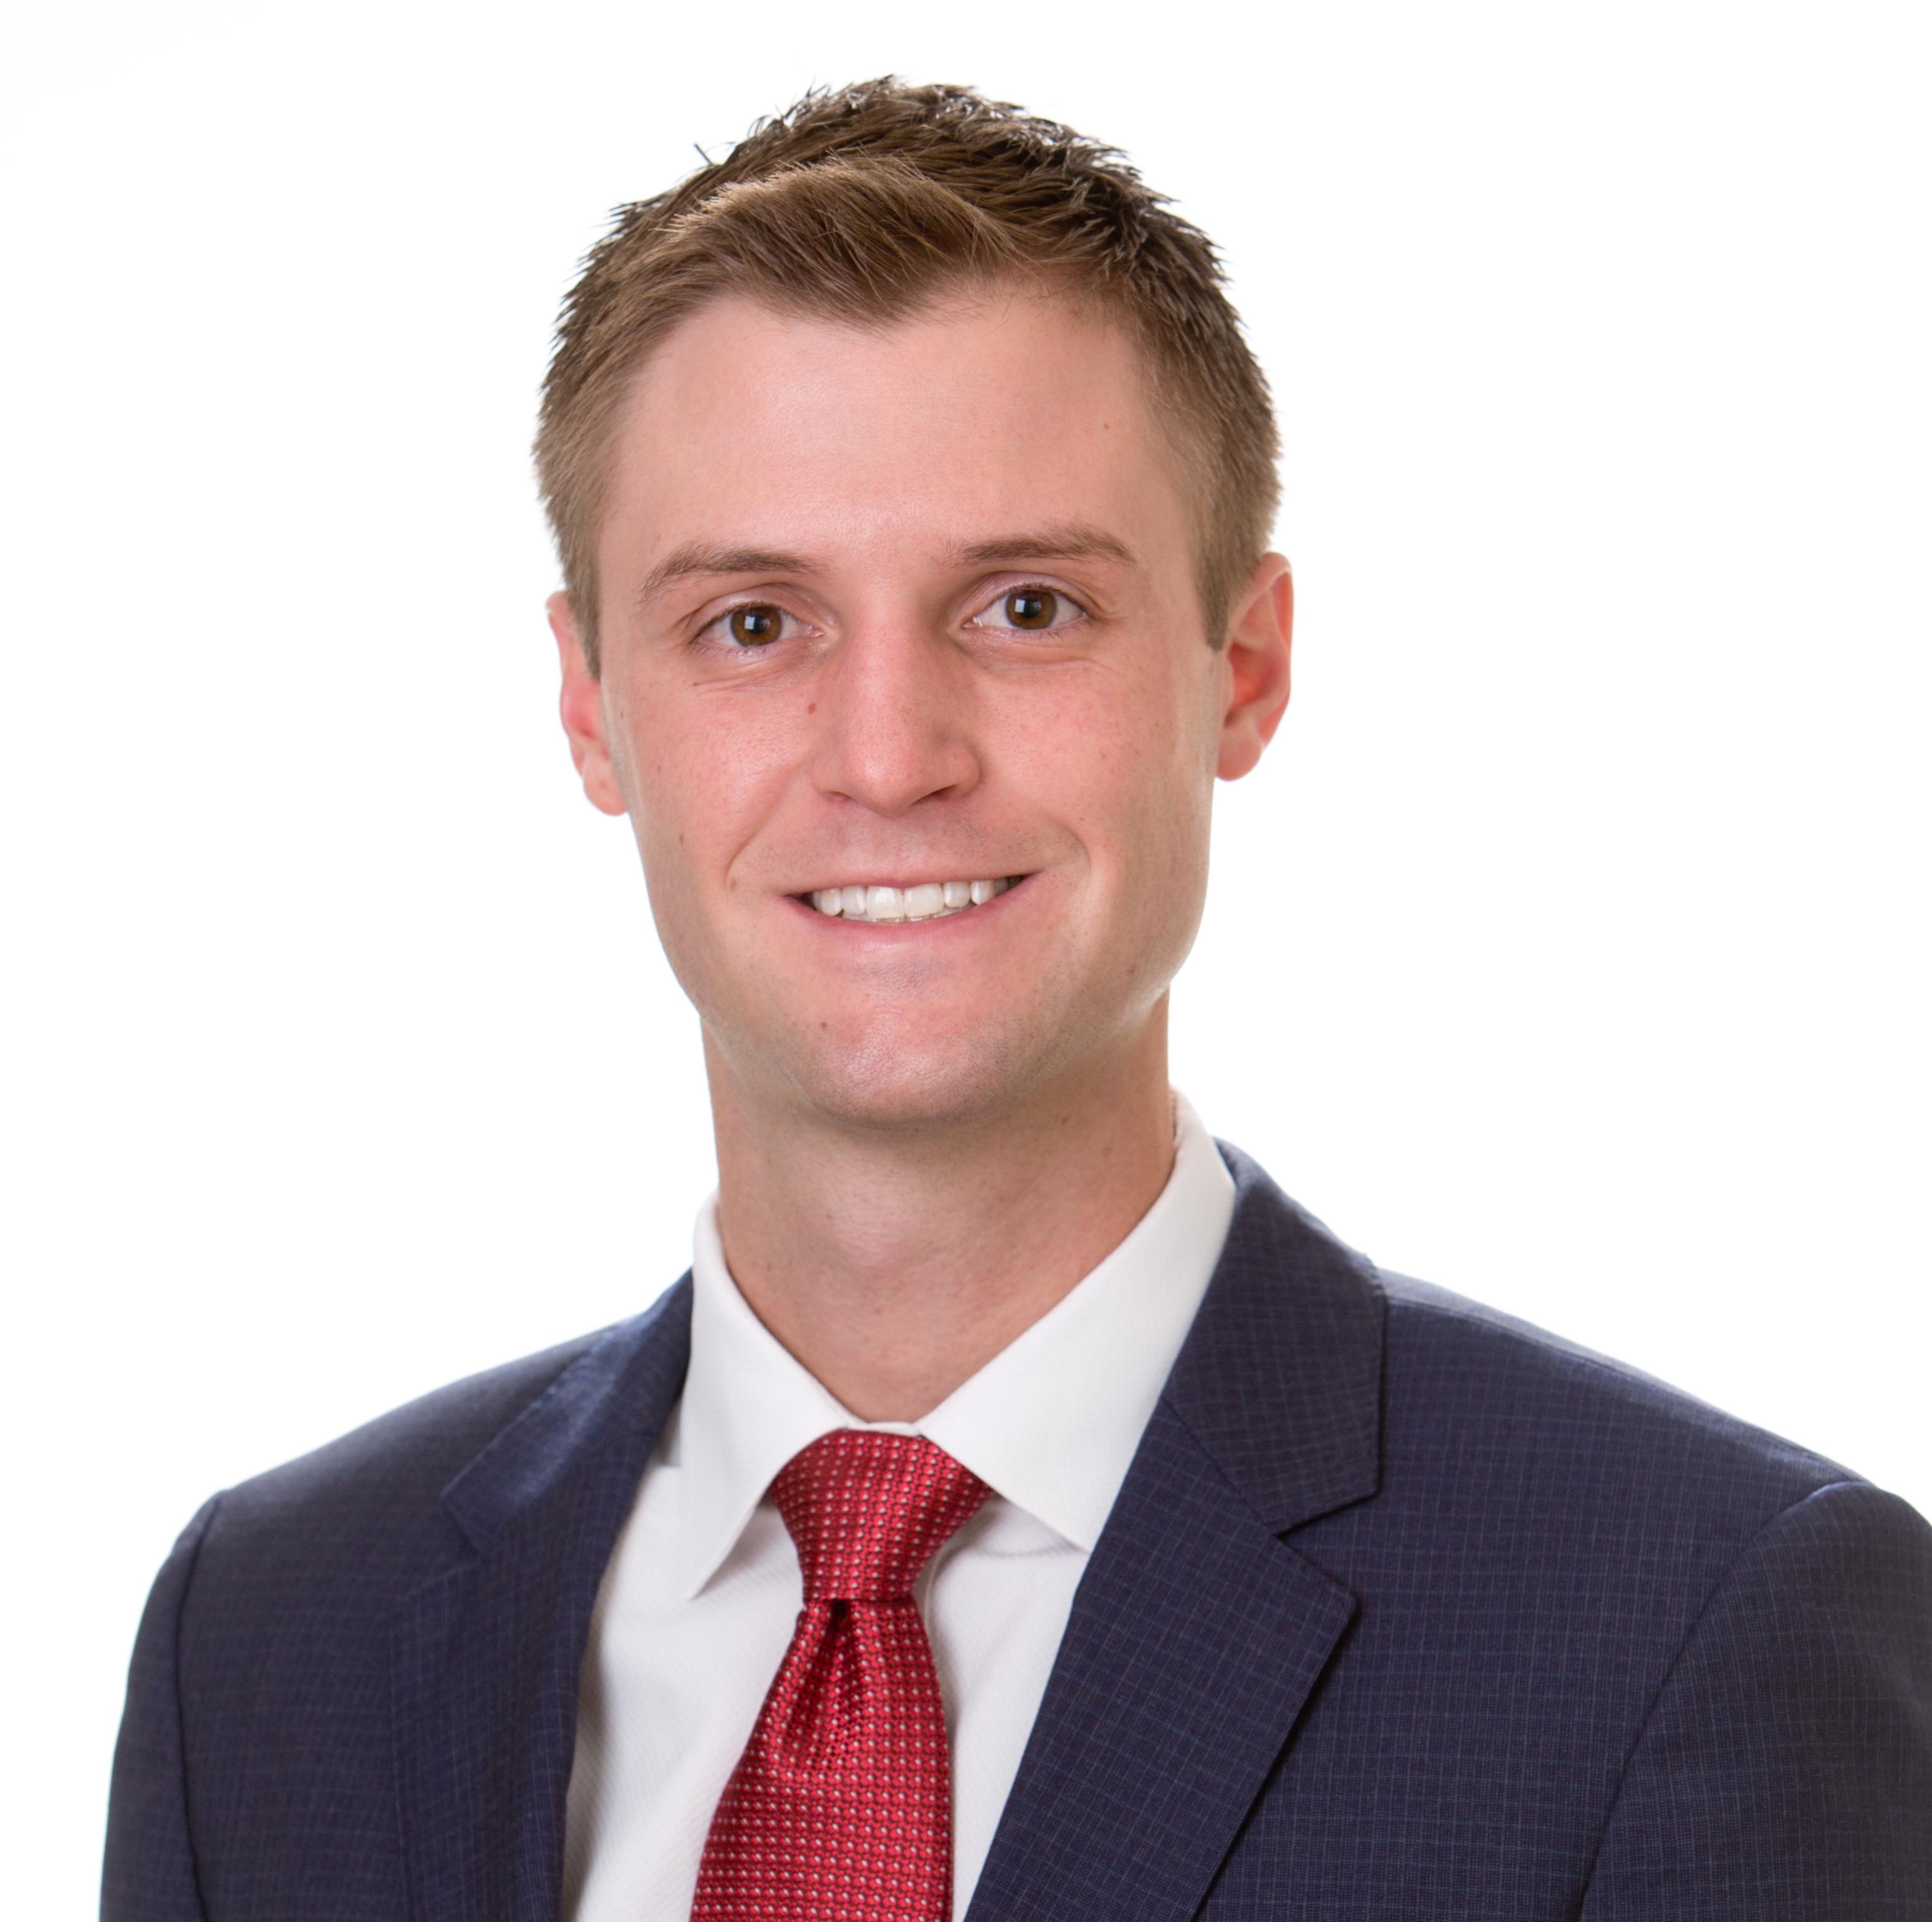 Michael T. McManus